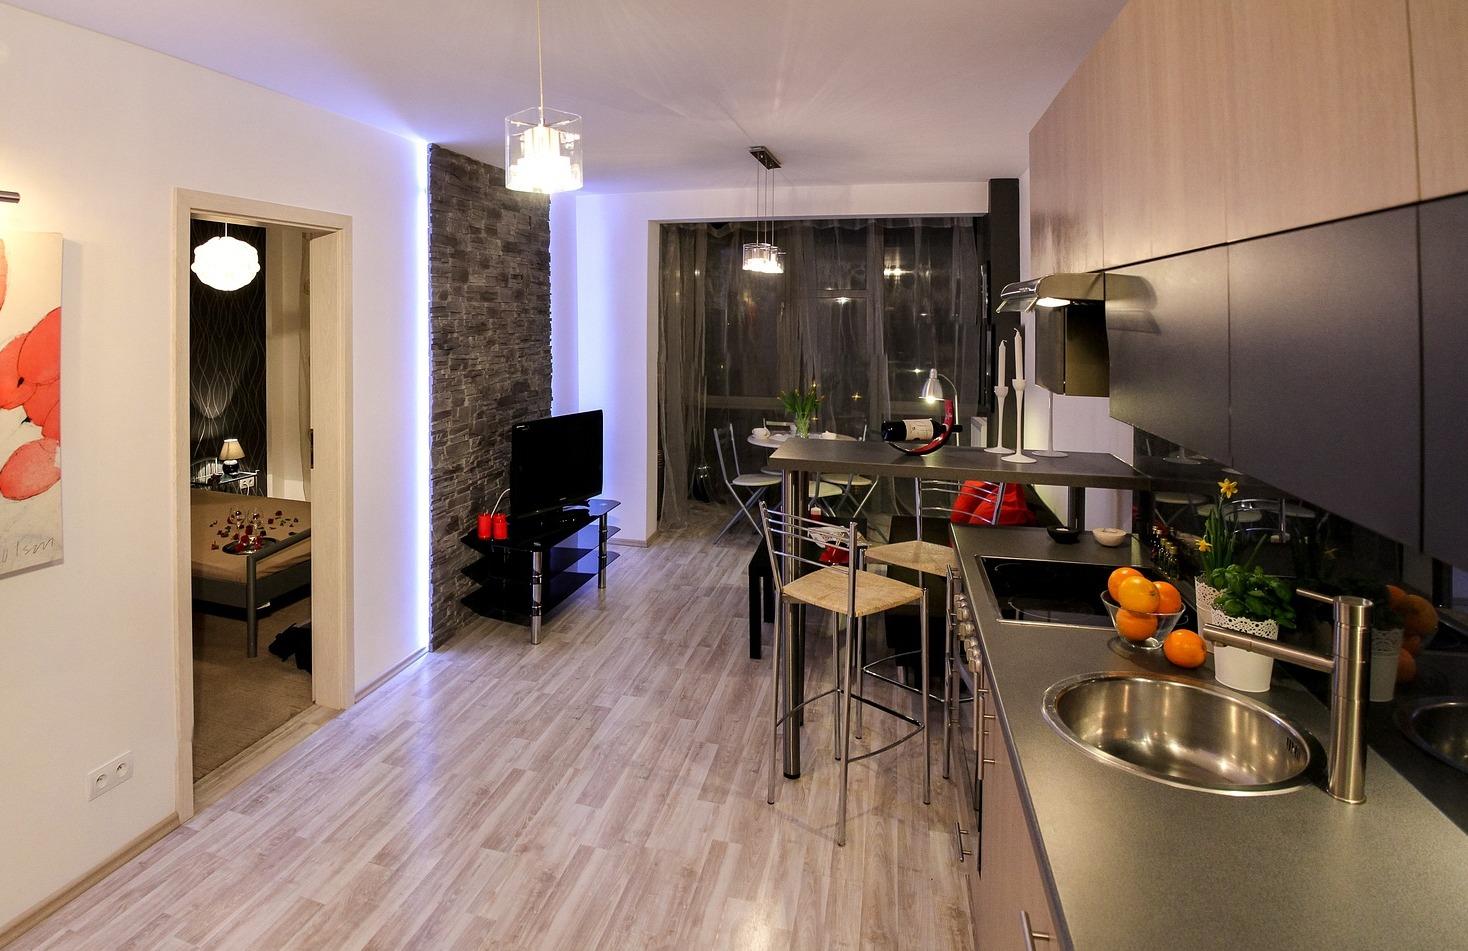 Mieszkania coraz droższe. Ile kosztuje wynajem w Płocku? - Zdjęcie główne